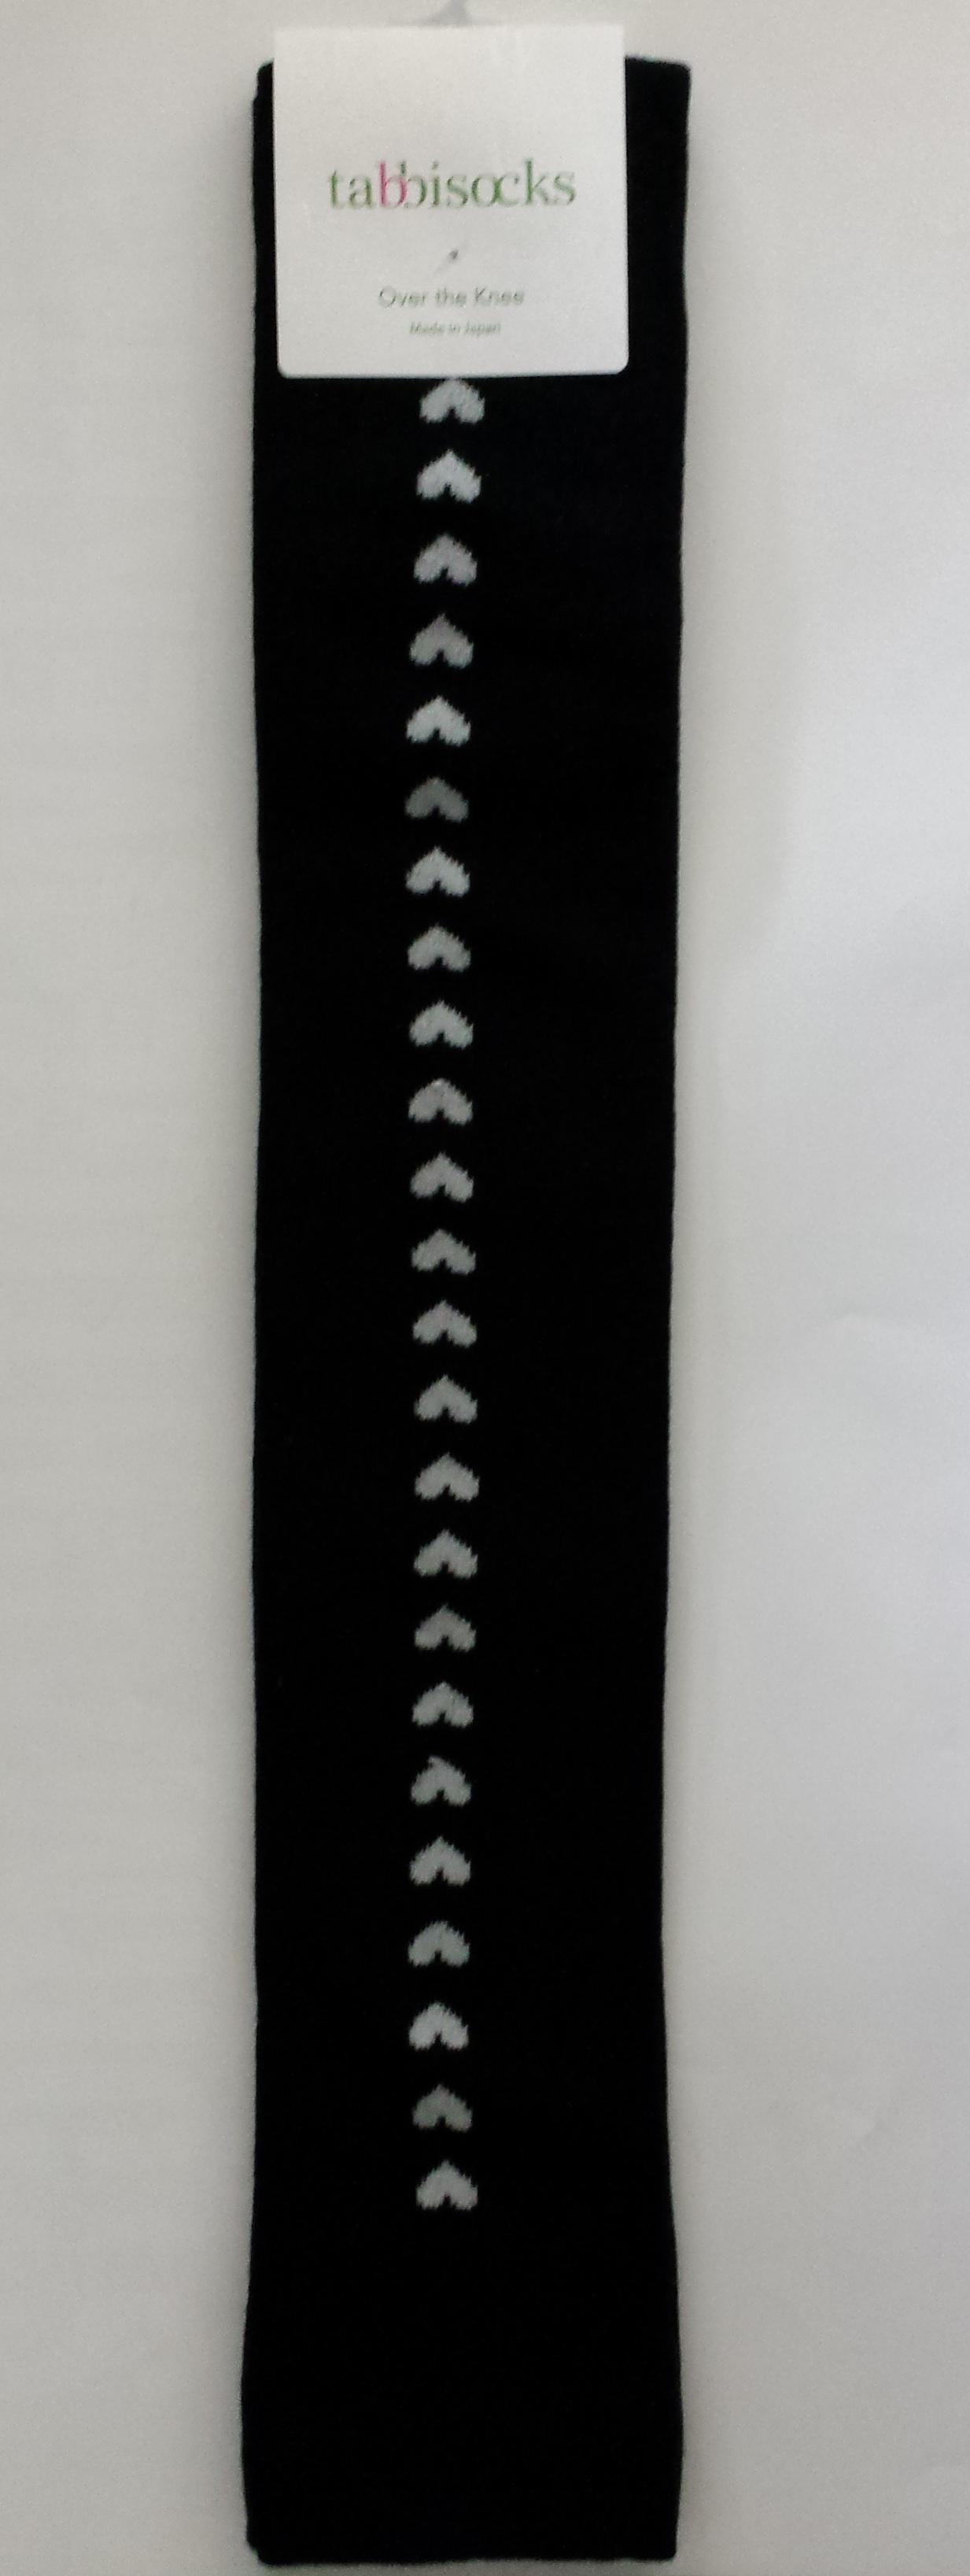 Heart Back Seam Over-the-Knee Socks zwart tabbisocks